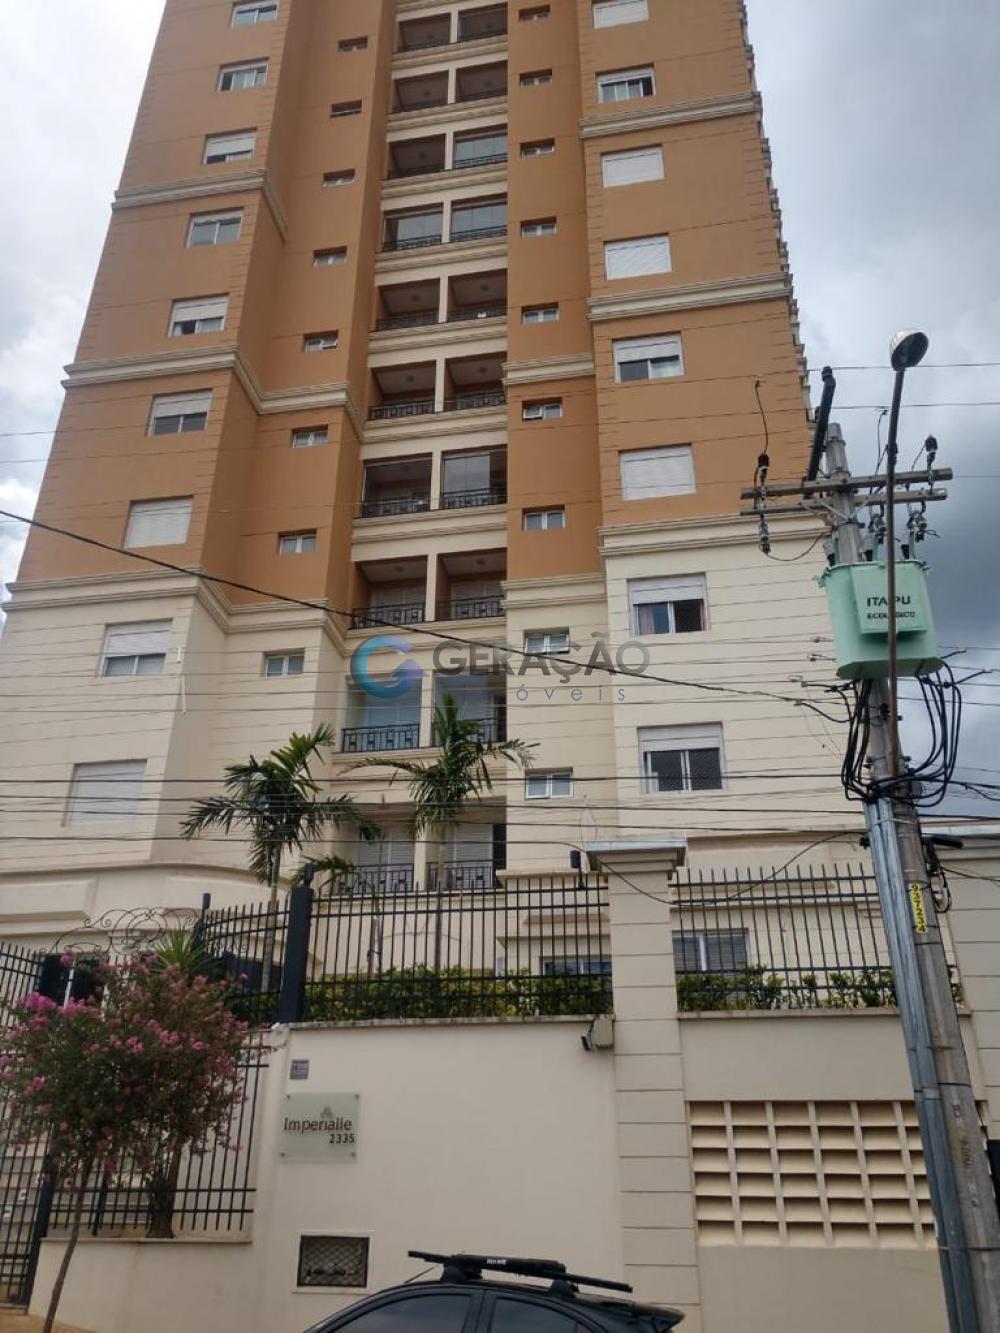 Comprar Apartamento / Padrão em Piracicaba apenas R$ 700.000,00 - Foto 2